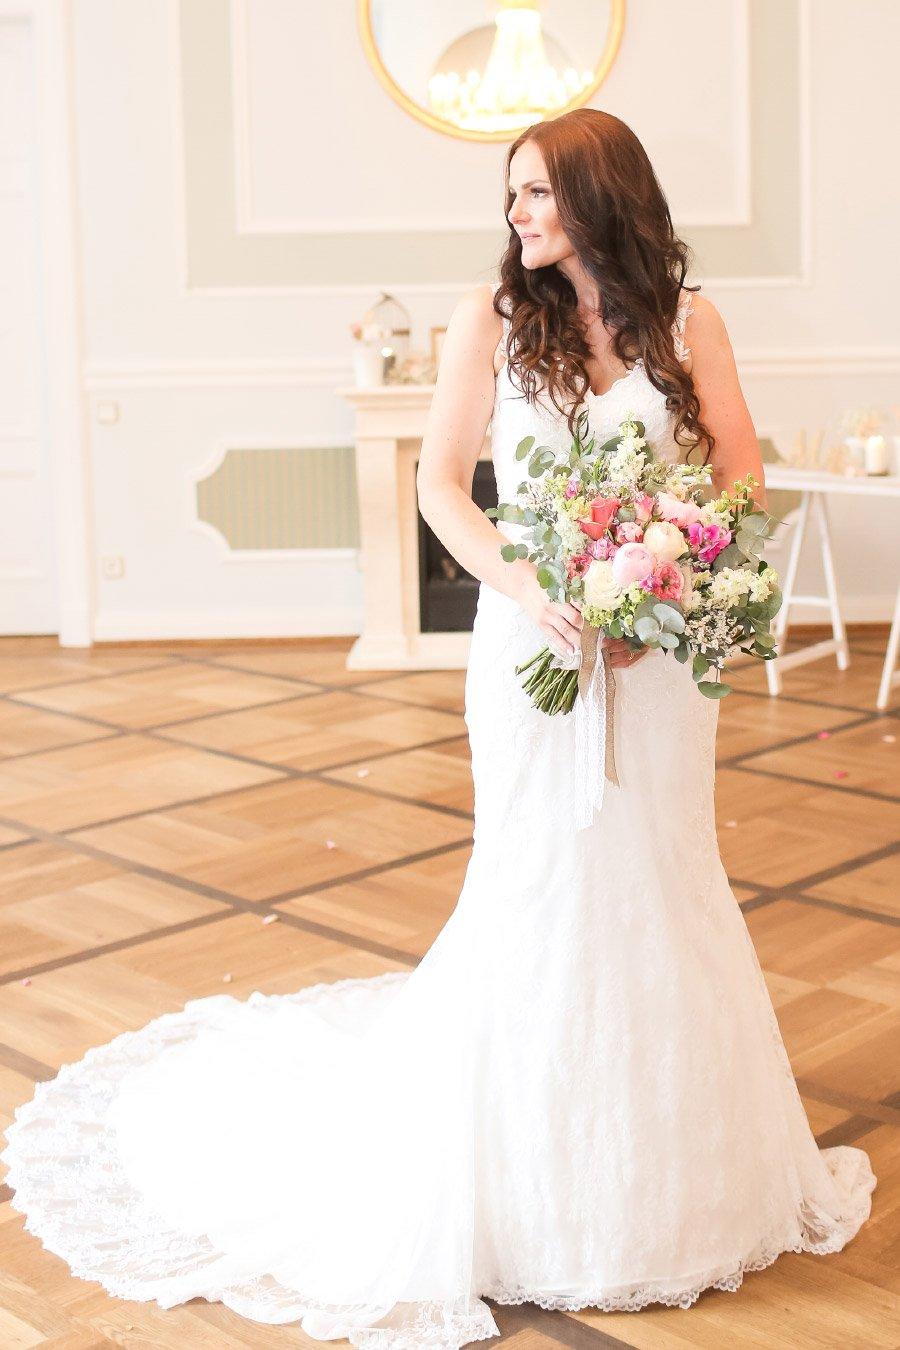 Brautstrauß mit Brautstrauß in der Hand